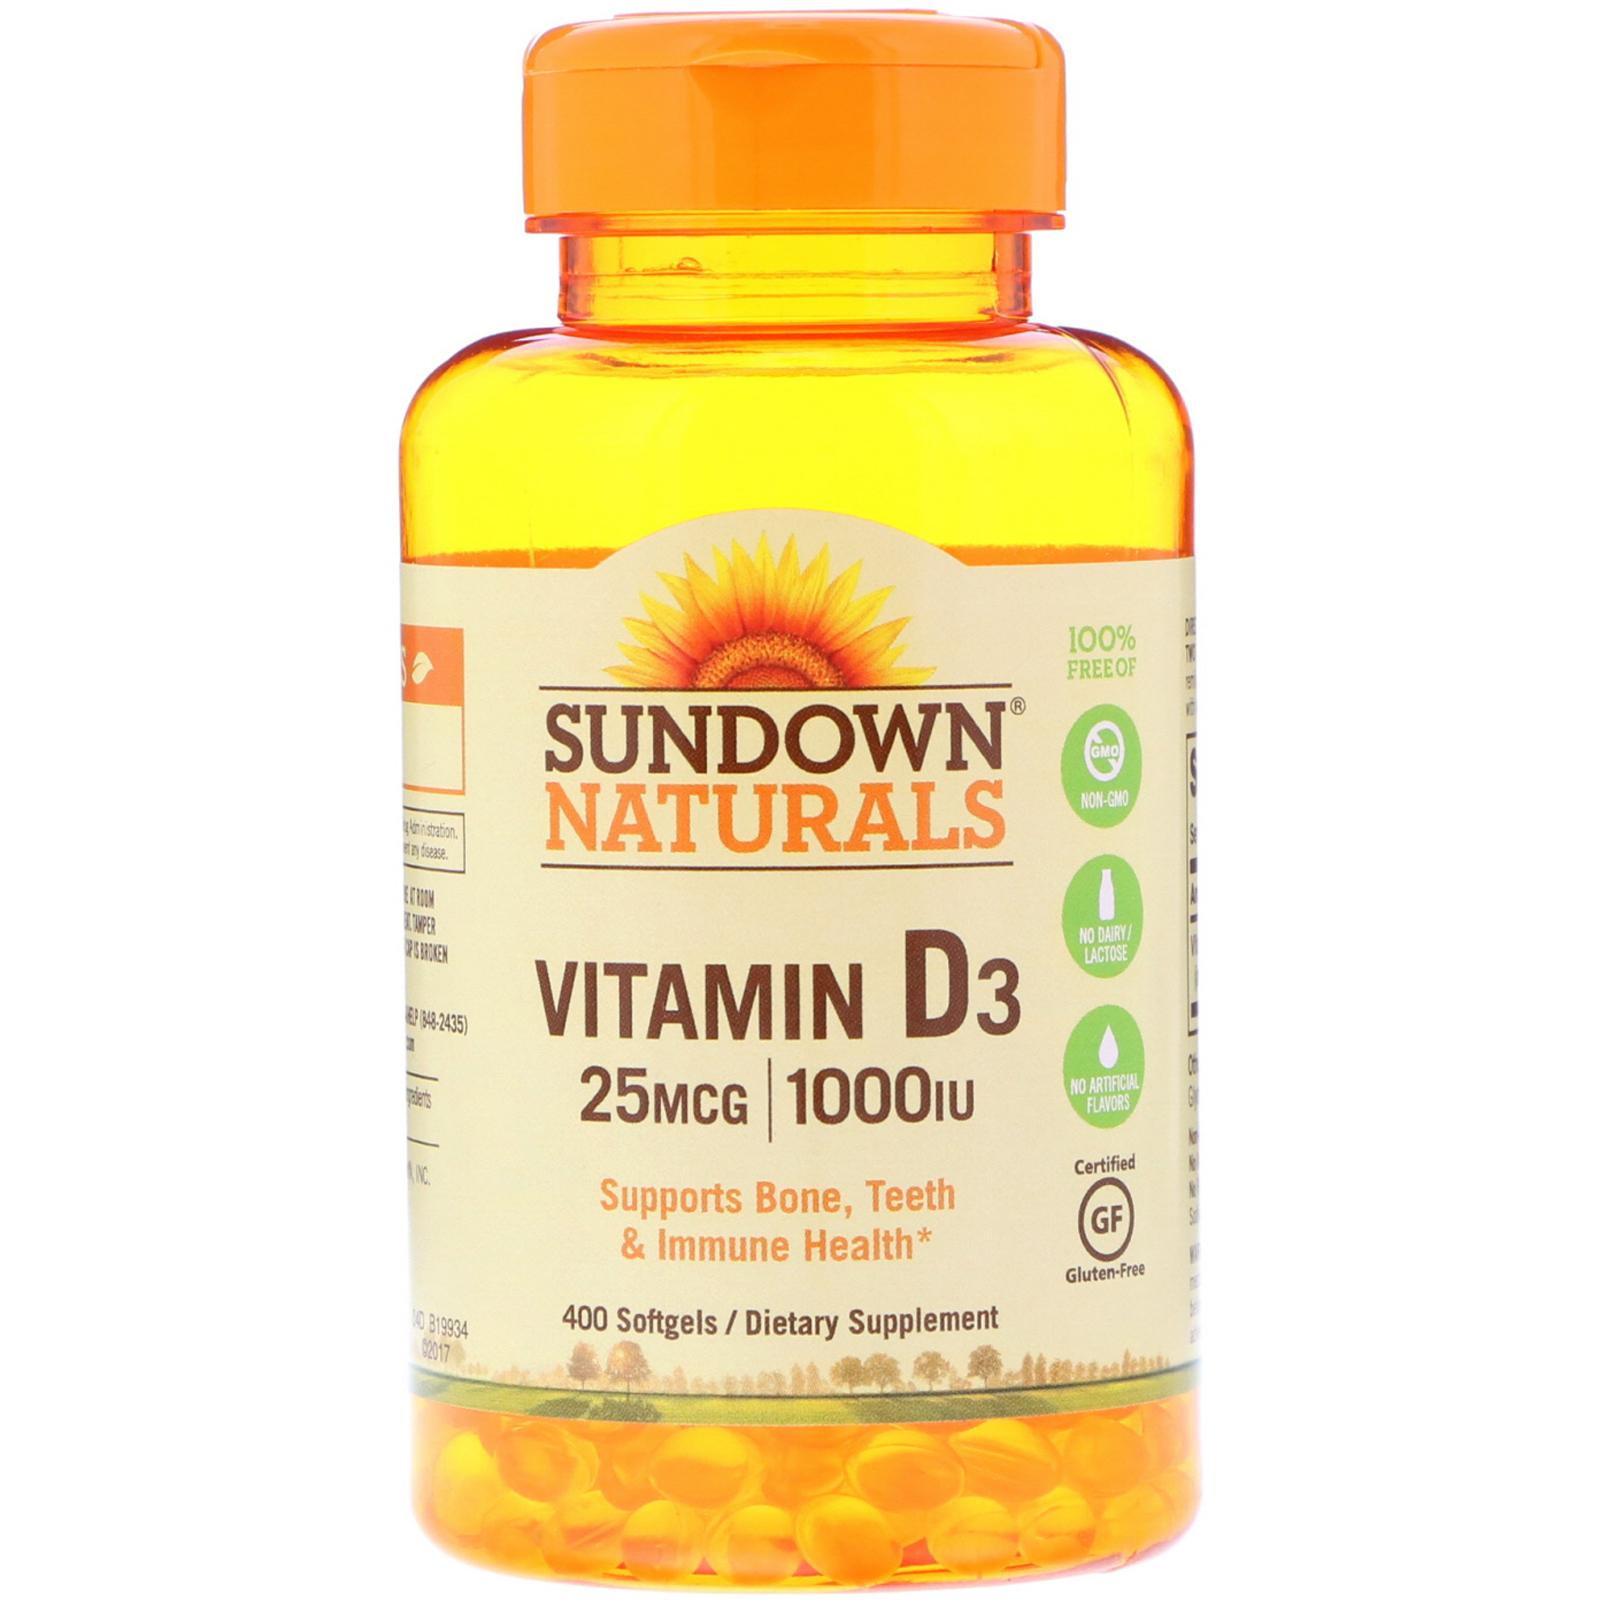 sundown naturals vitamin d3 25 mcg 1 000 iu 400 softgels. Black Bedroom Furniture Sets. Home Design Ideas